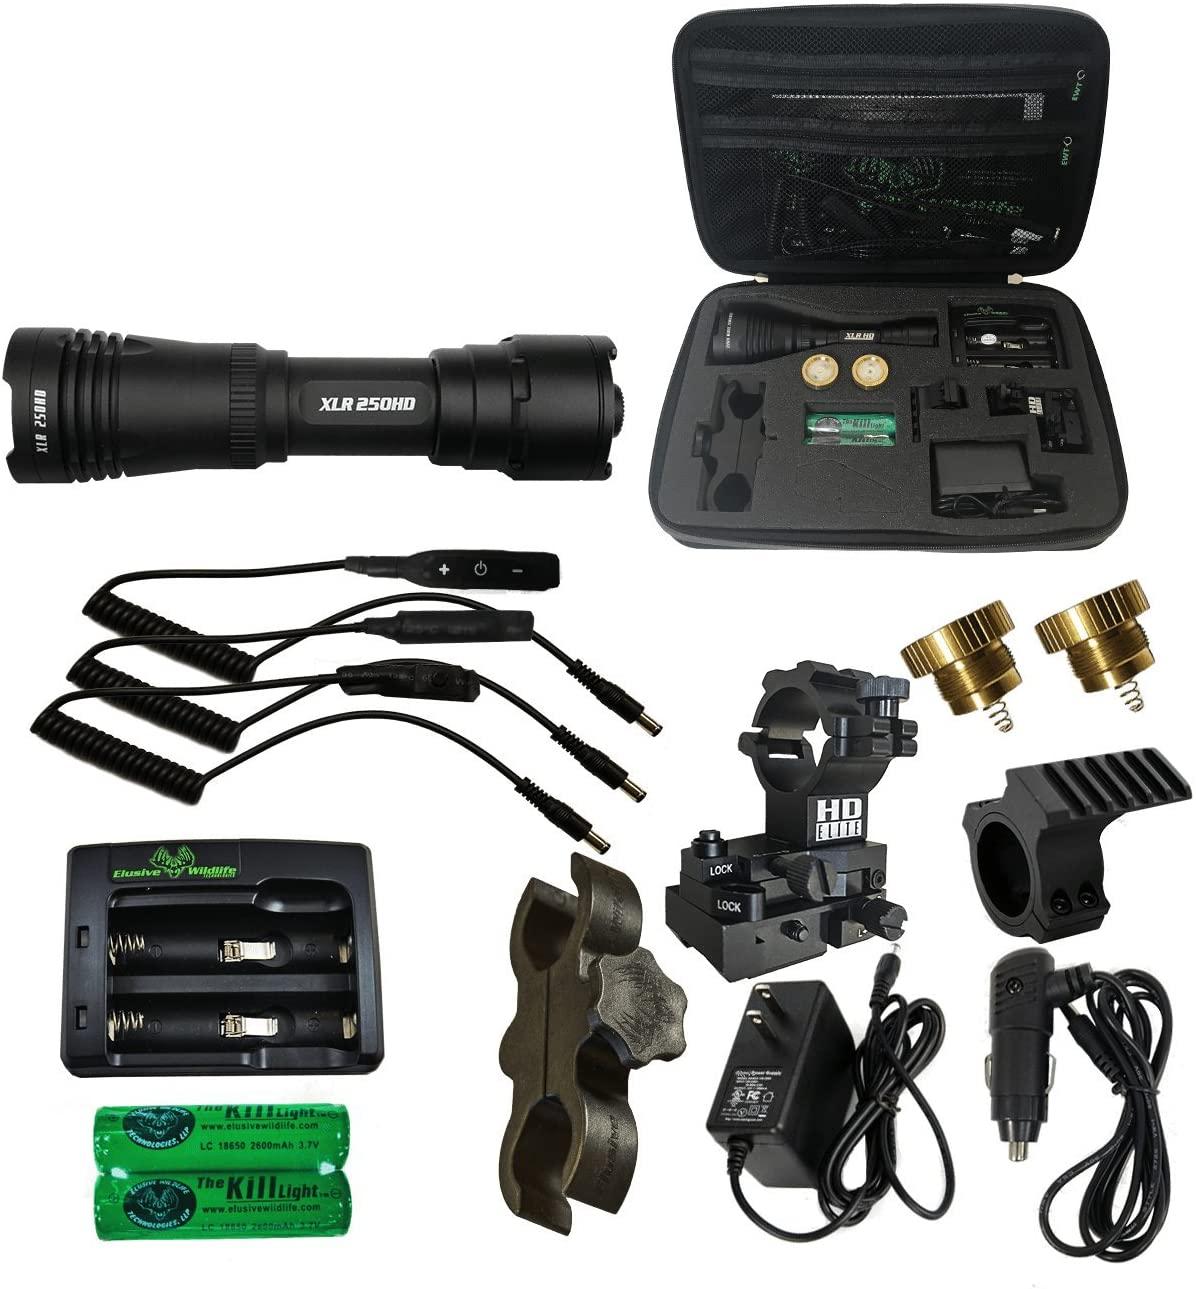 Elusive Wildlife Kill Light HD Series Hunting Gun Light Package 250HD 500HD 750HD